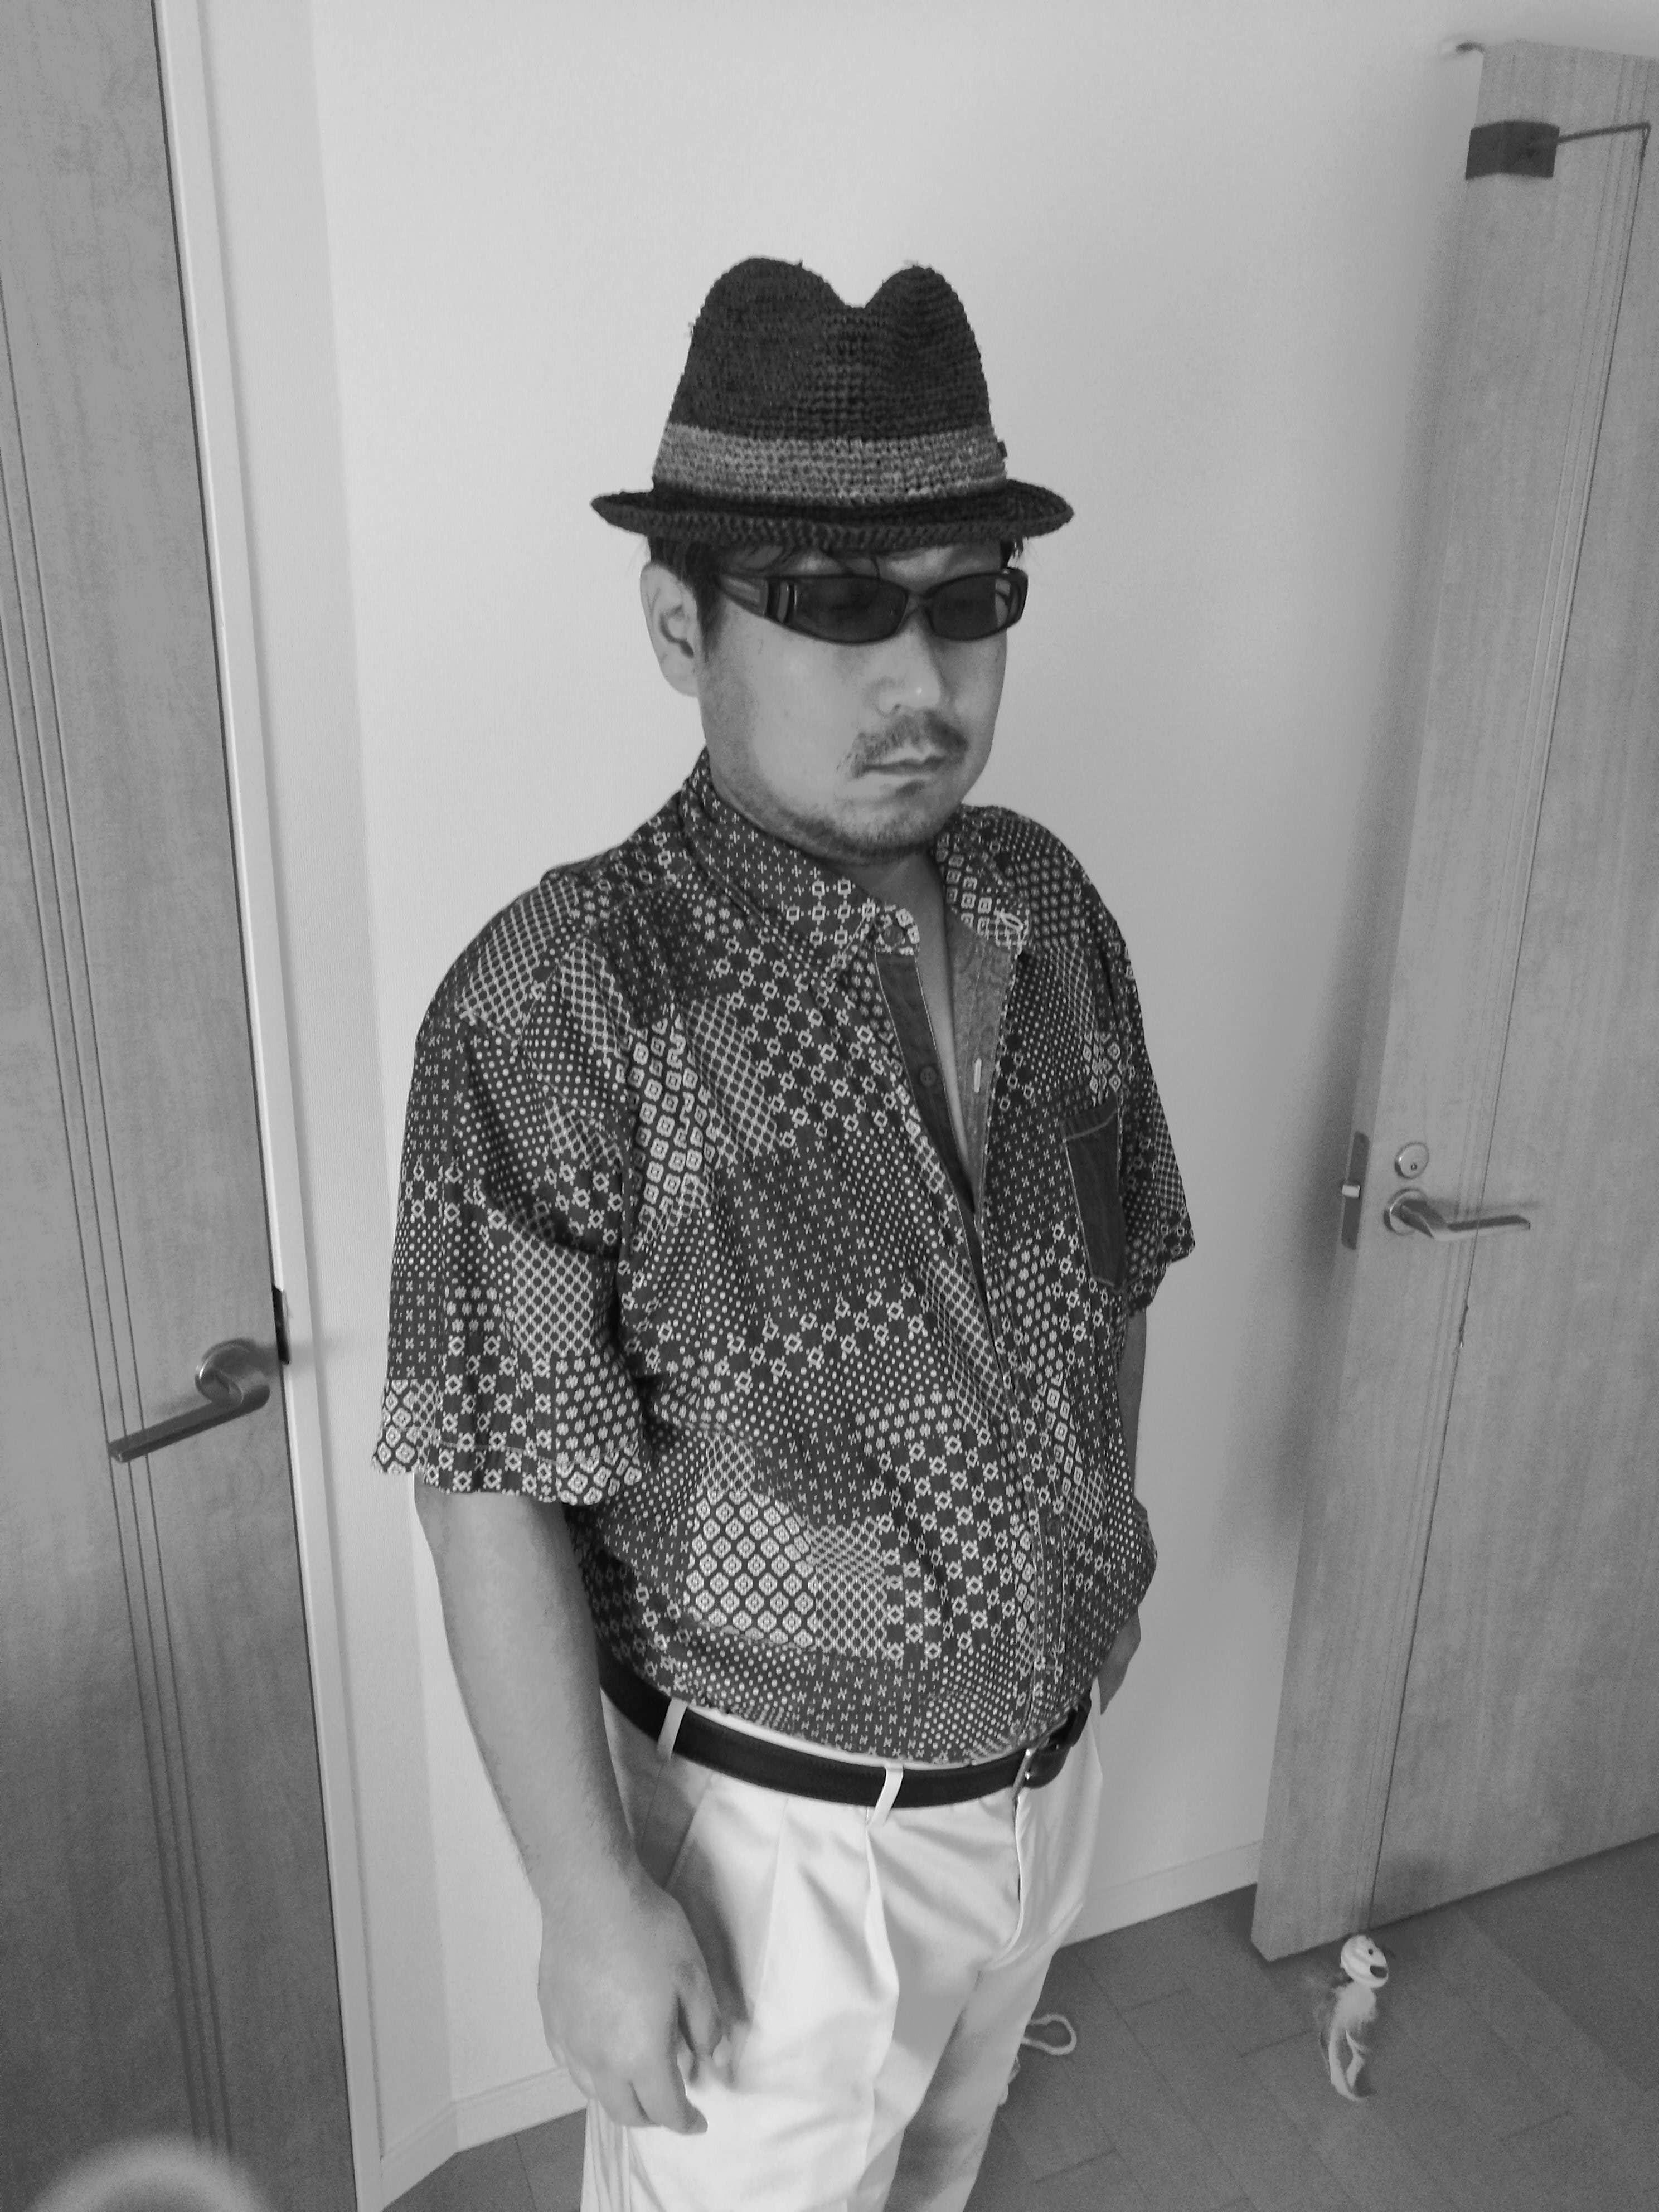 Shinobu Oka